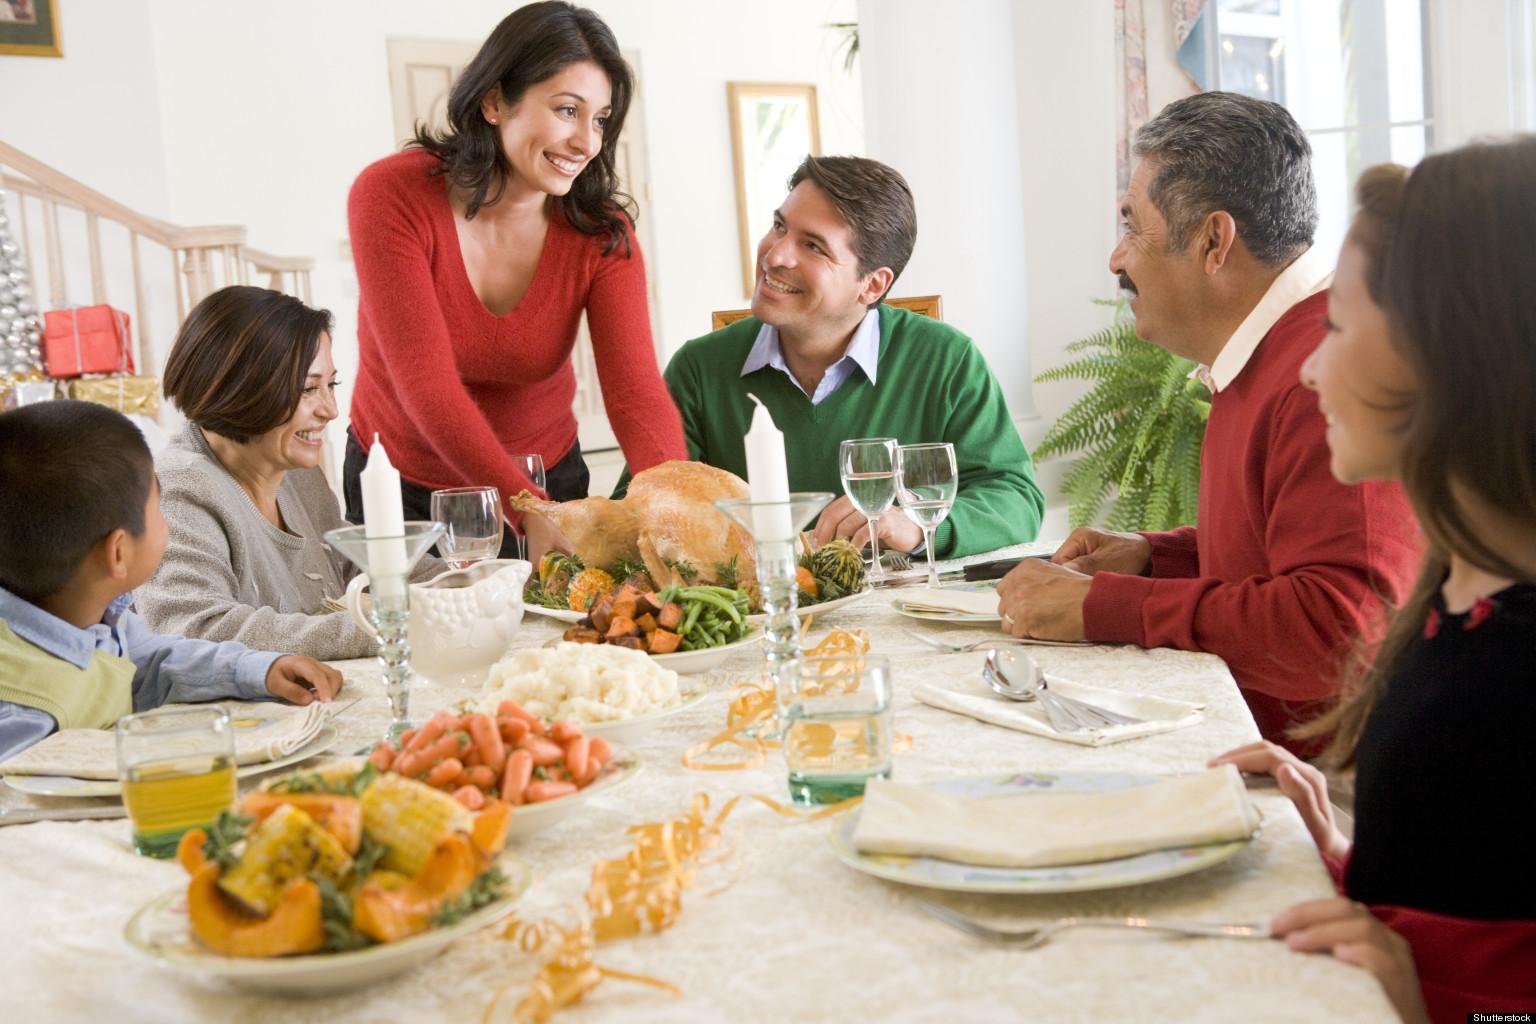 eating at home vs eating at a Eating sabzi be like by bekaar vines eating sabzi at home vs eating at a friends place.